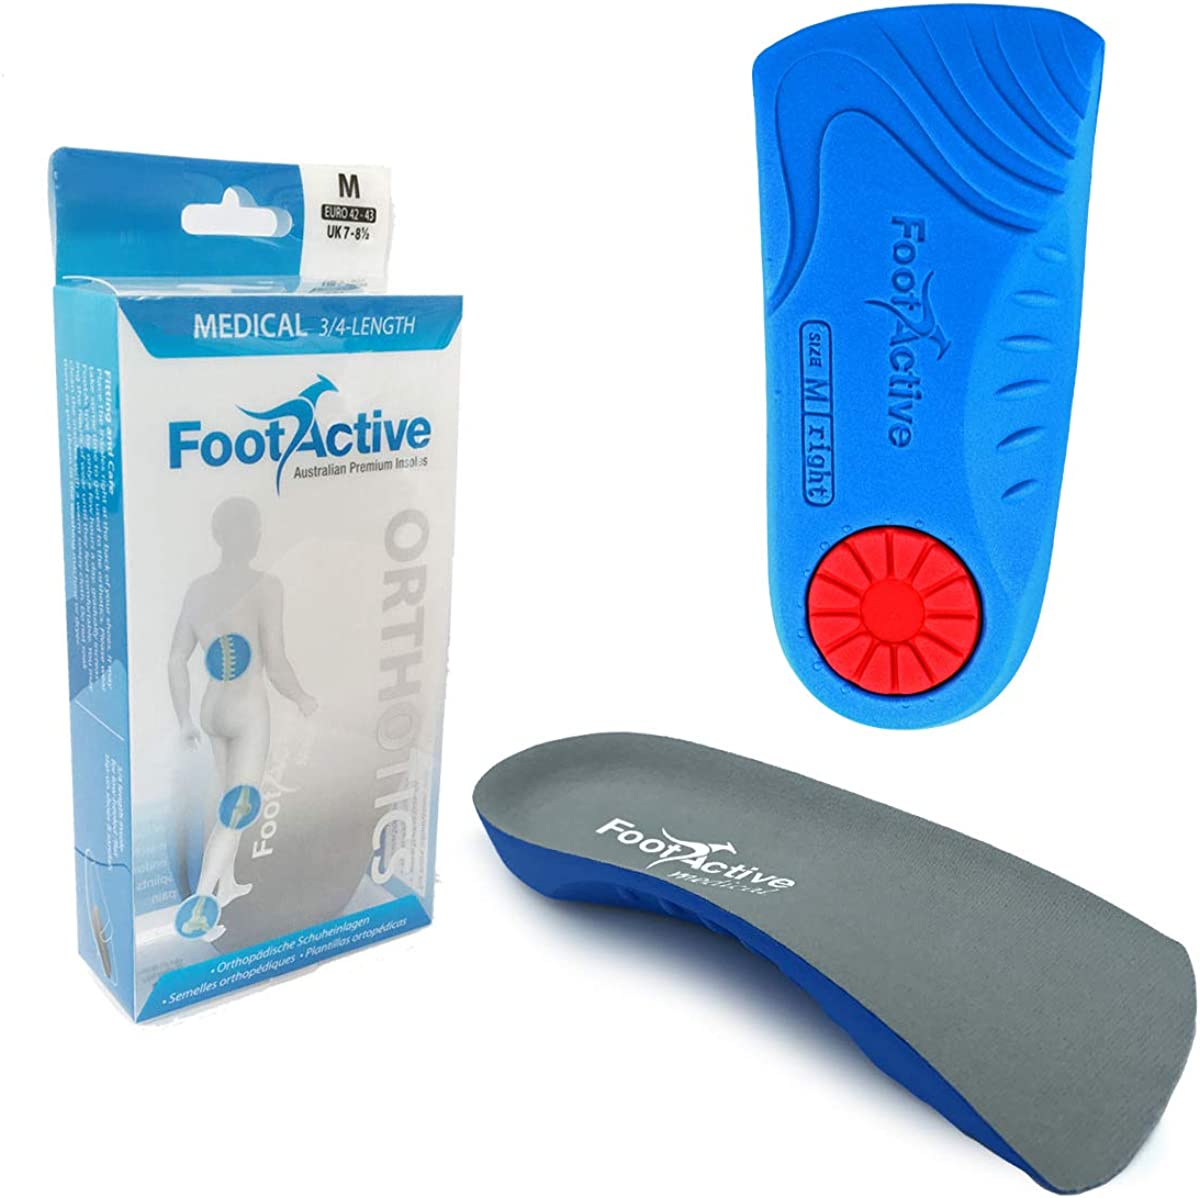 FootActive Médicos 3/4 Longitud Plantillas